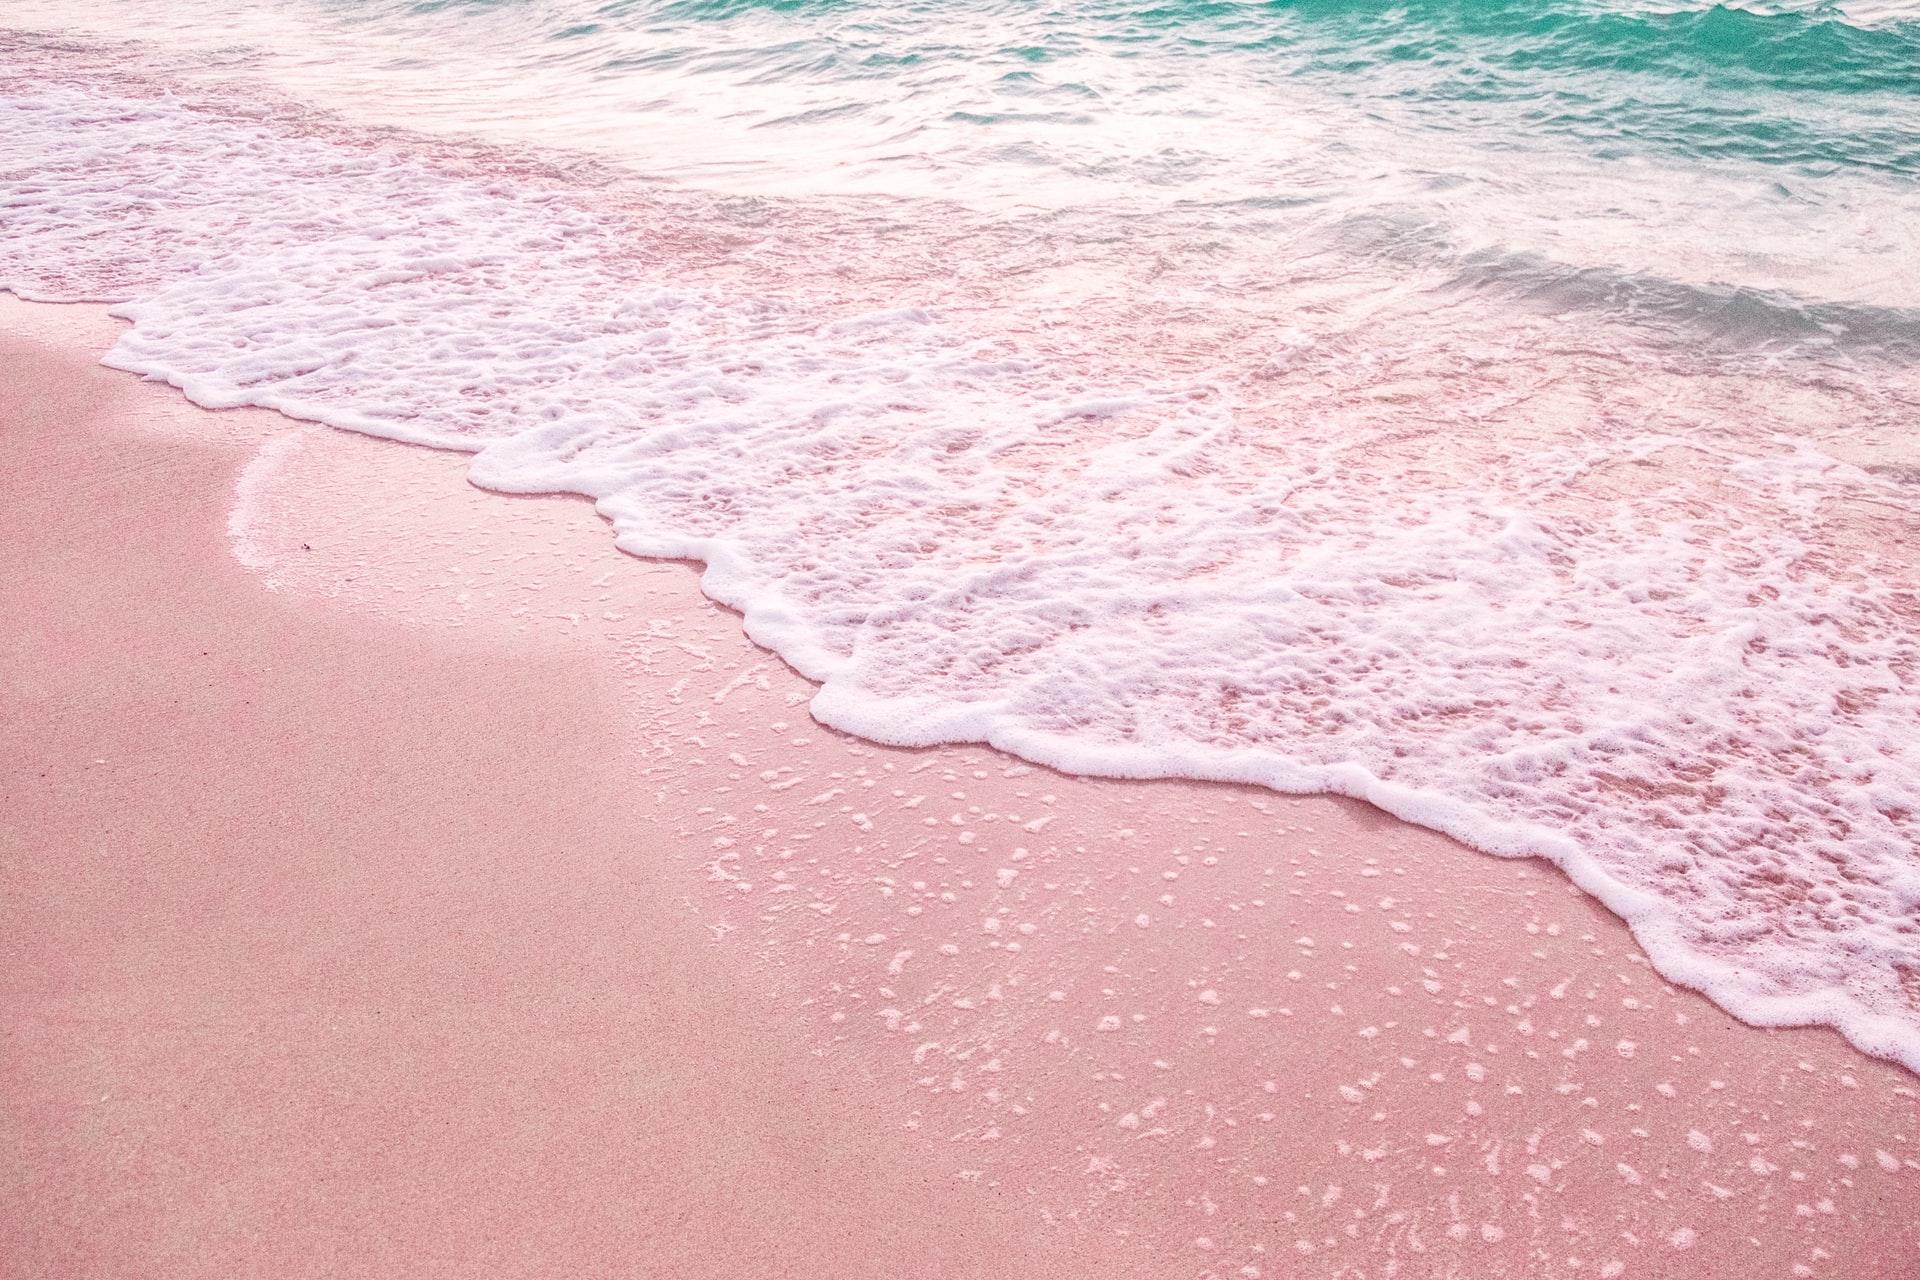 spiagge rosa in Italia e nel mondo